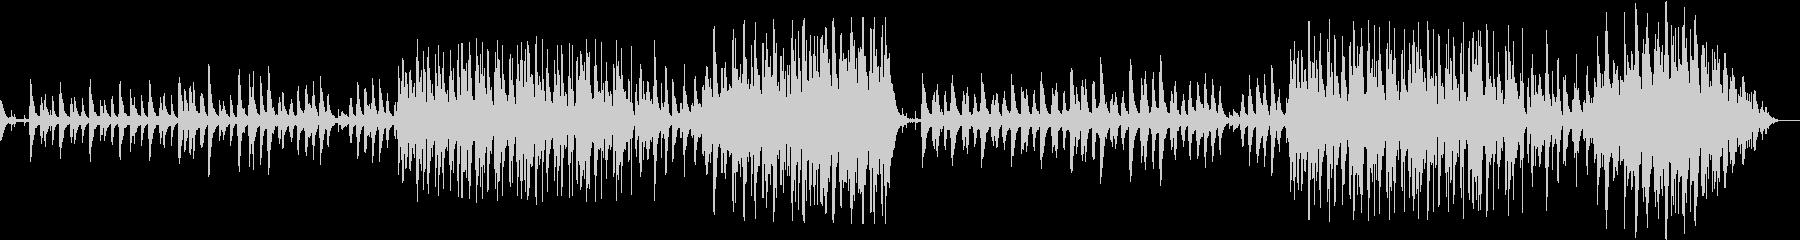 ドキドキするシーン(弦楽器とドラムス)の未再生の波形